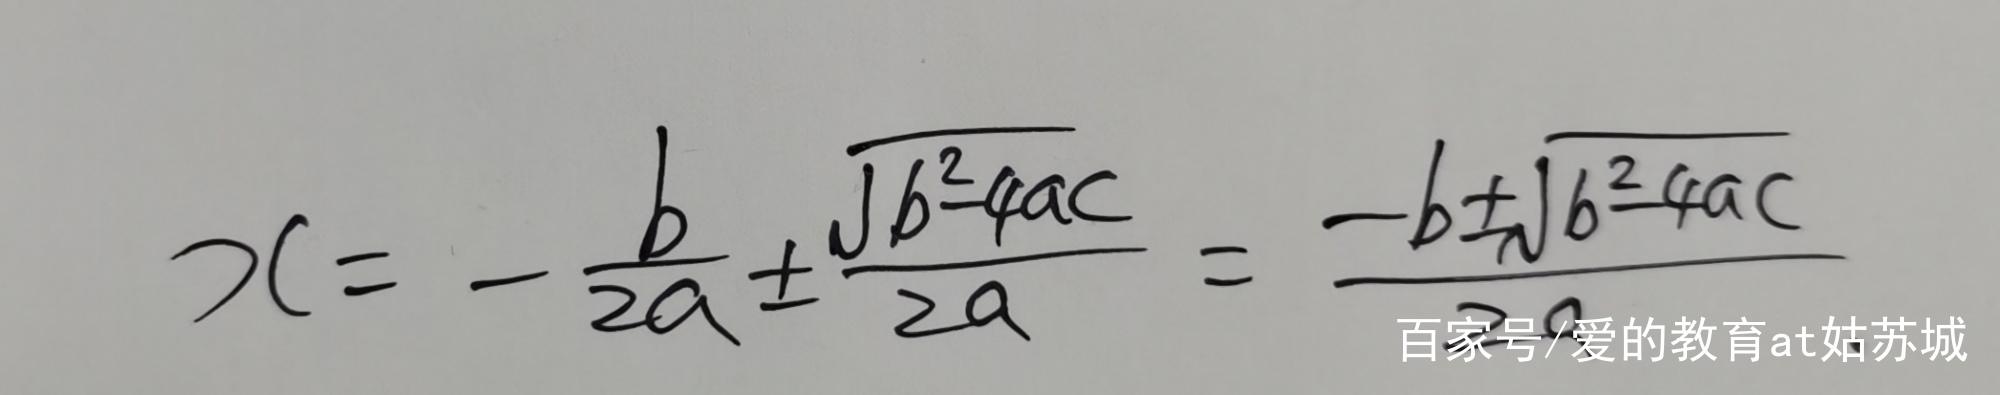 初中数学的一大拦路虎,教你妙招分分钟降伏,韦达定理的详细推导